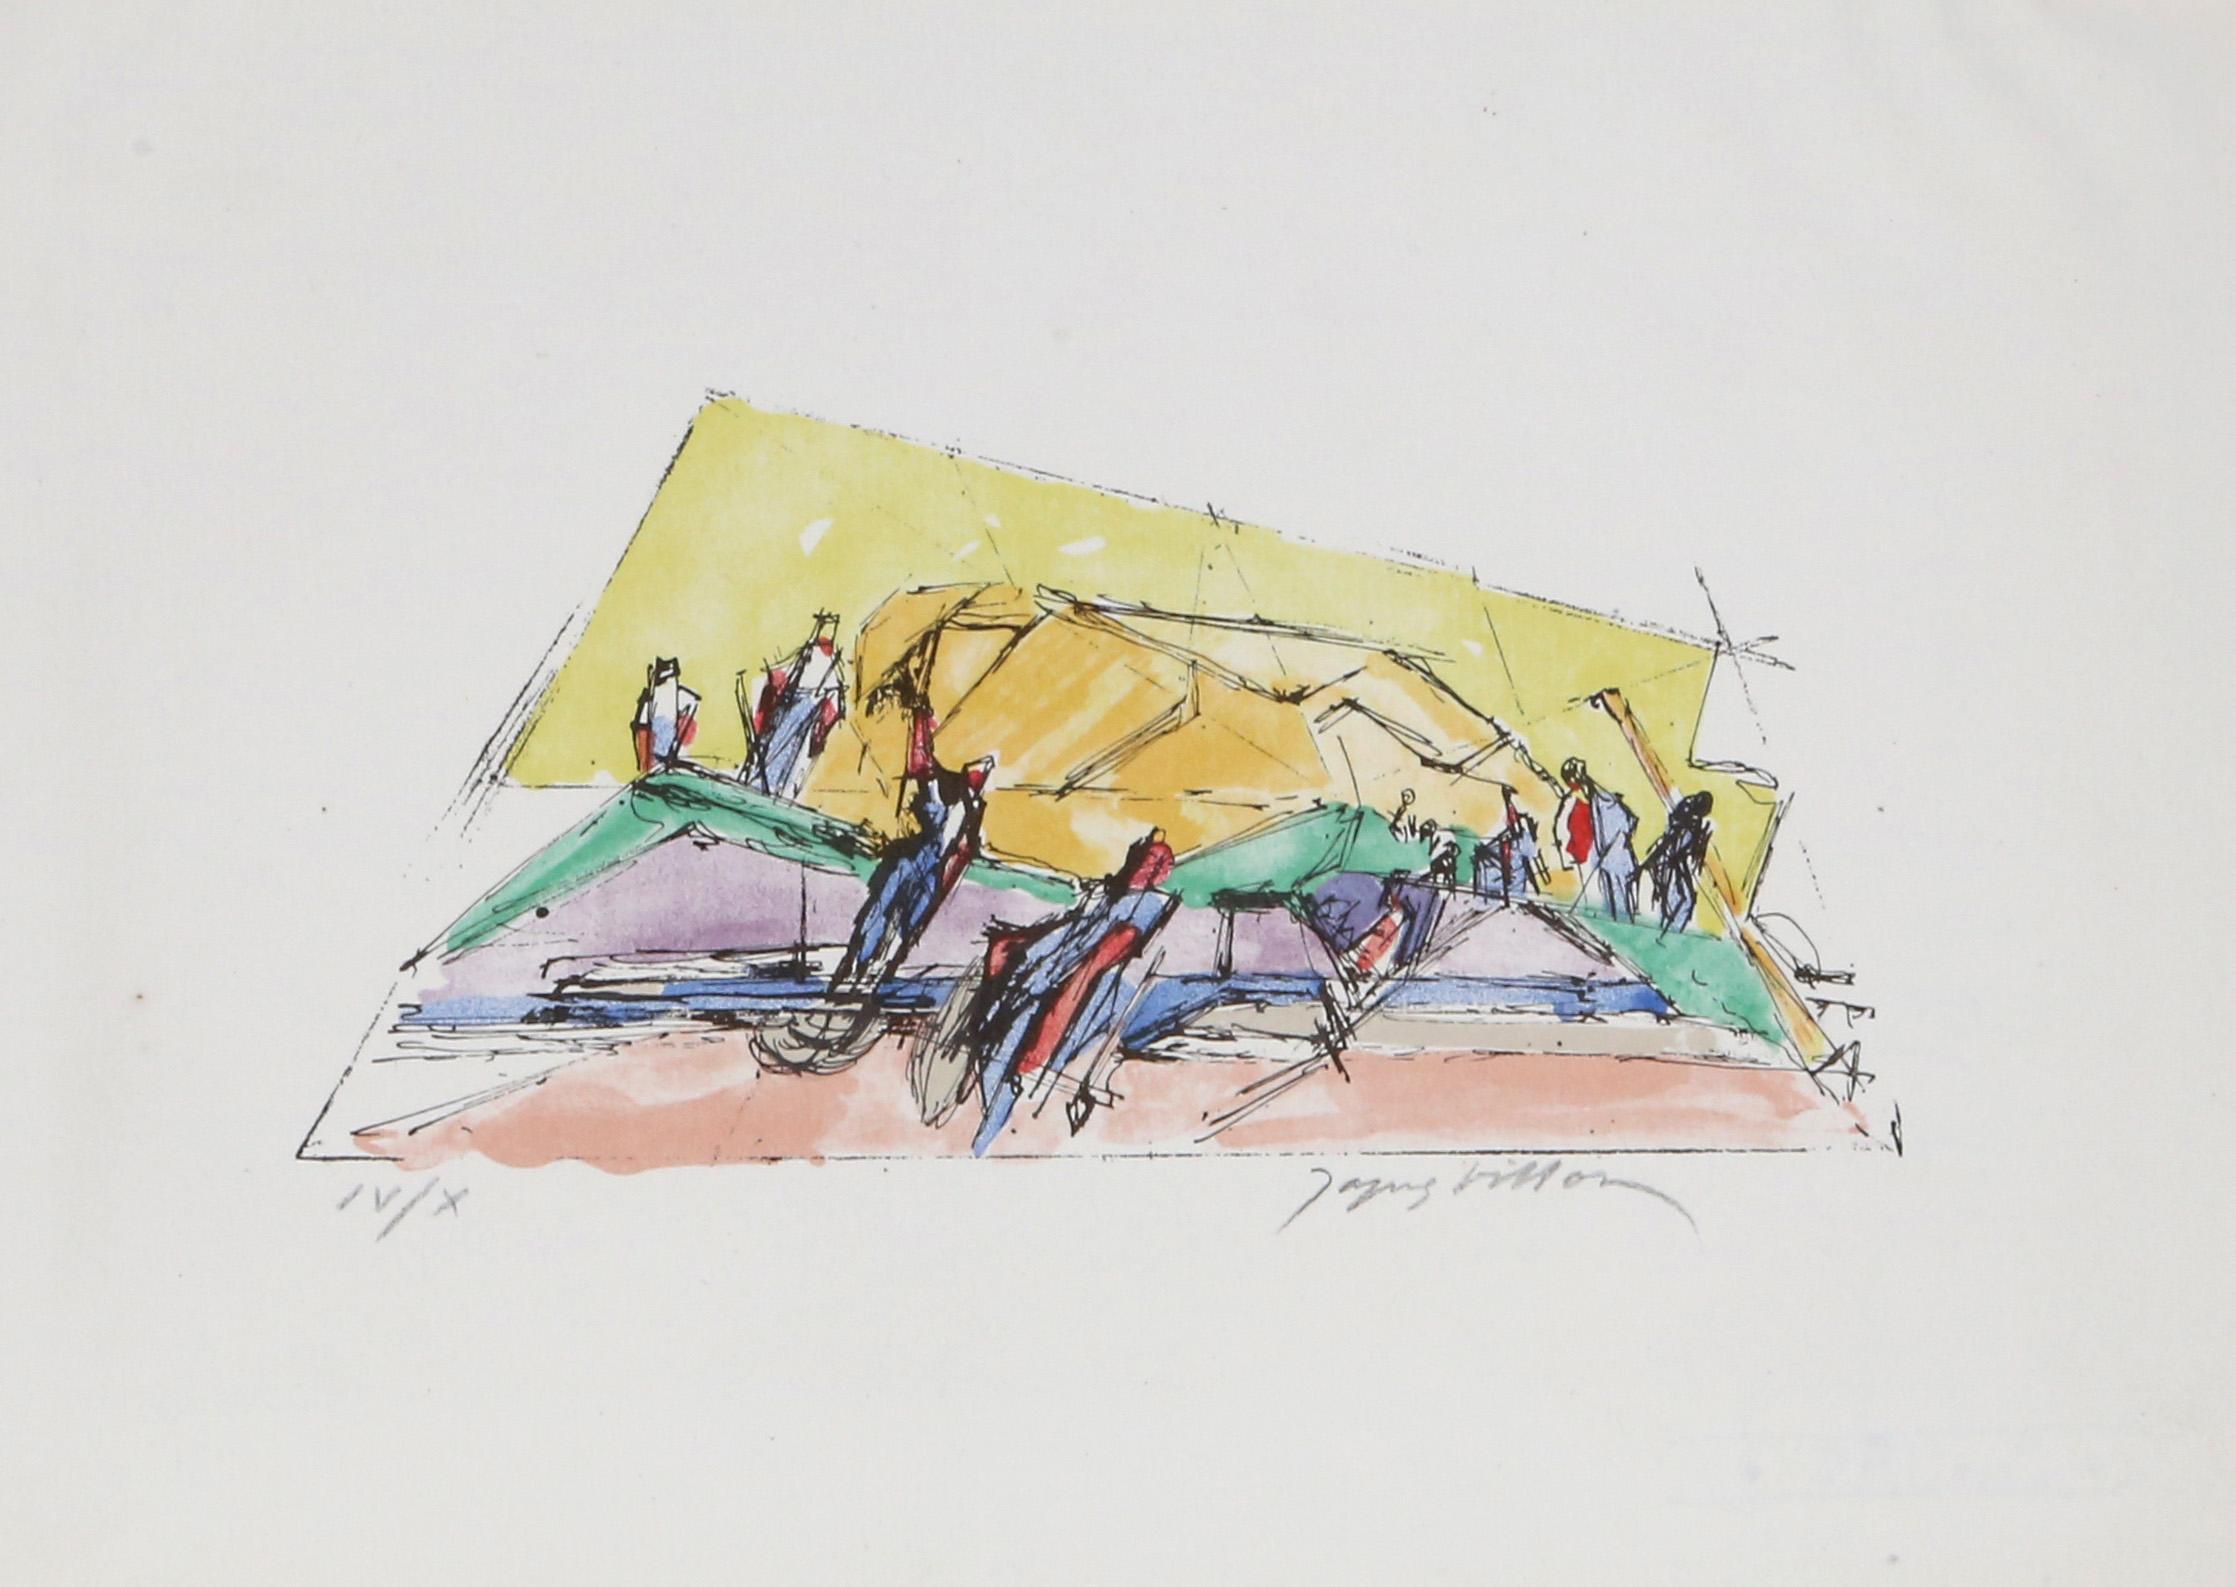 Jacques Vilon, La Moisson from Poemes de Leur Temps, Lithograph